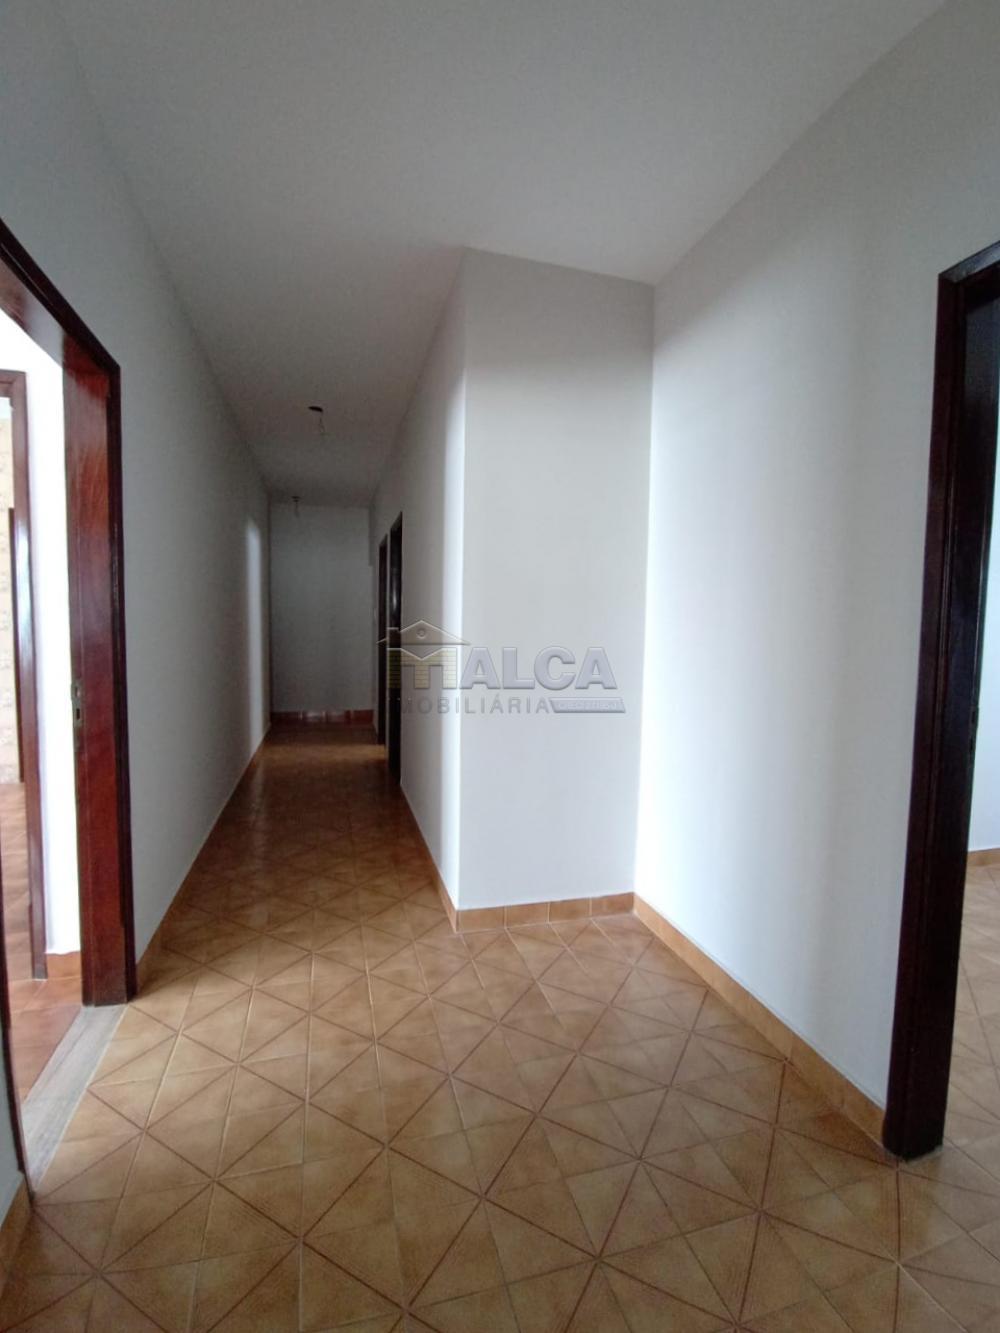 Alugar Casas / Padrão em São José do Rio Pardo apenas R$ 2.500,00 - Foto 7